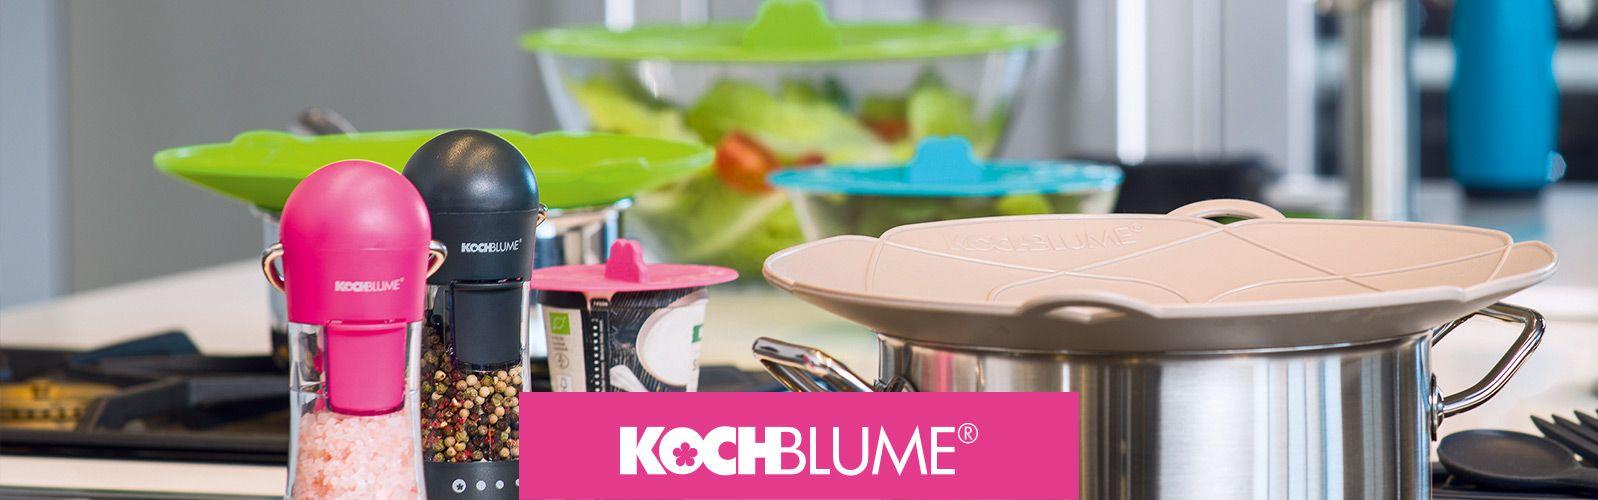 KOCHBLUME Küchenhelfer